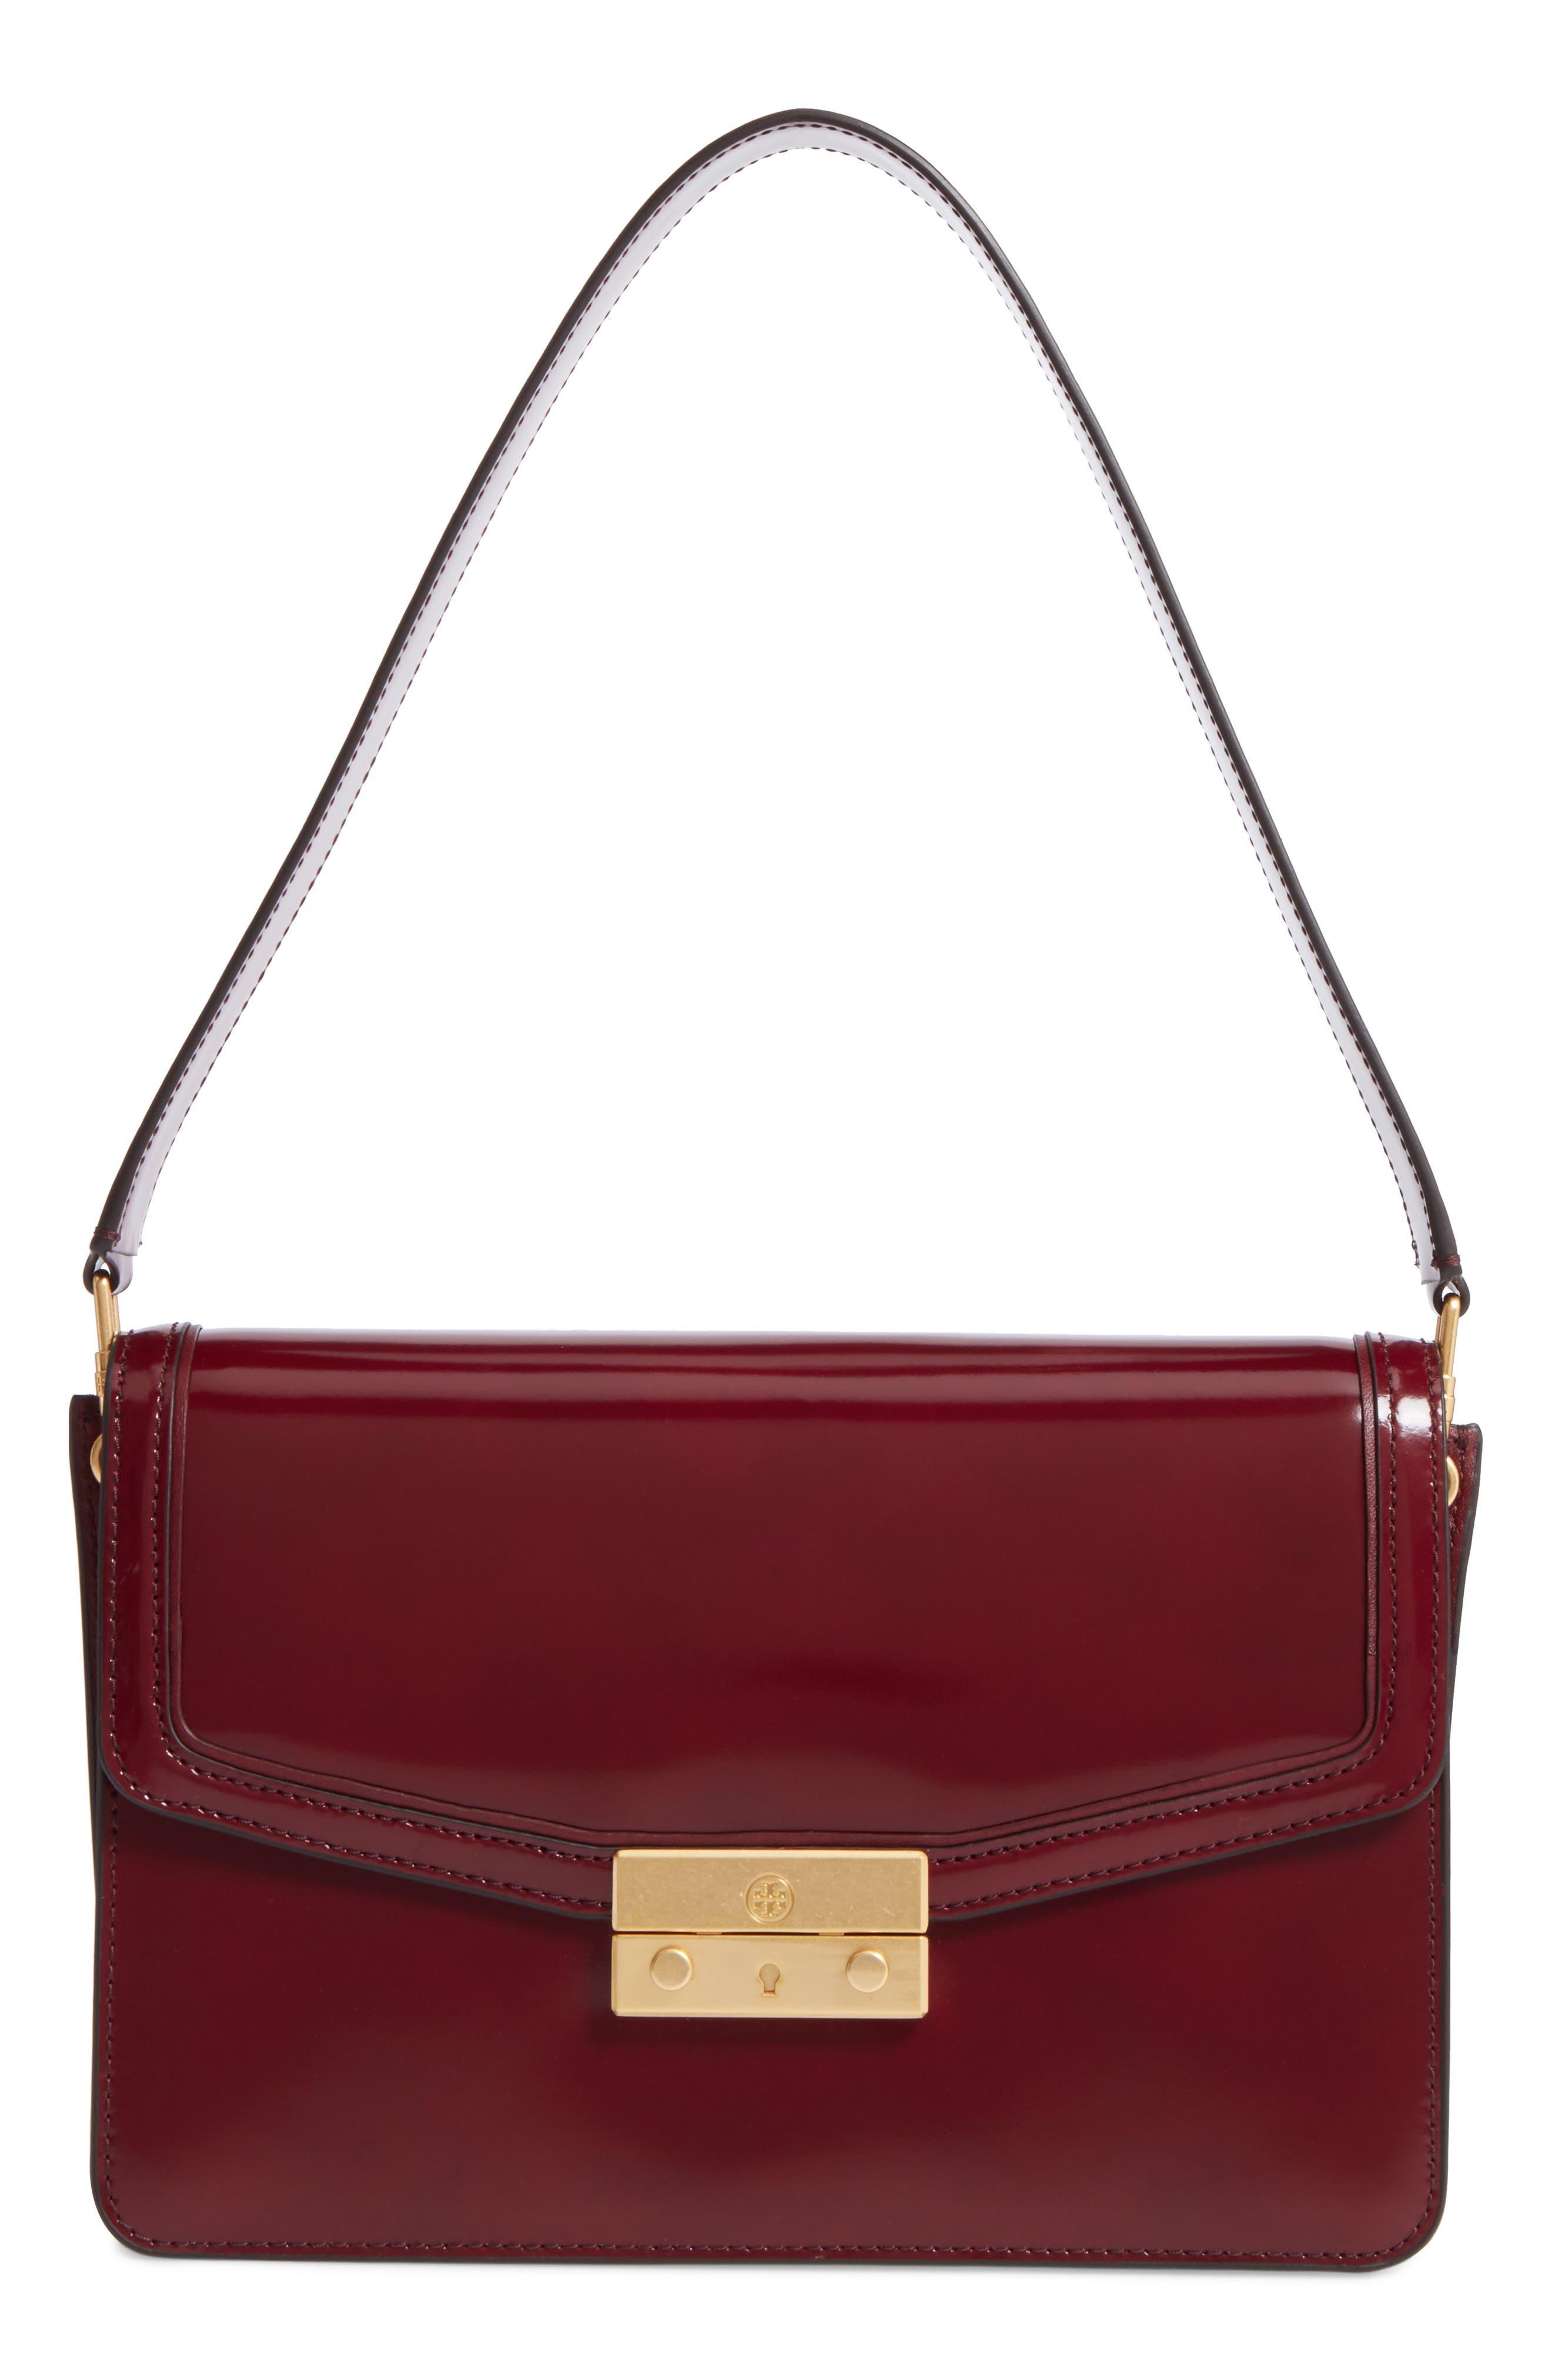 Tory Burch Juliette Leather Shoulder Bag